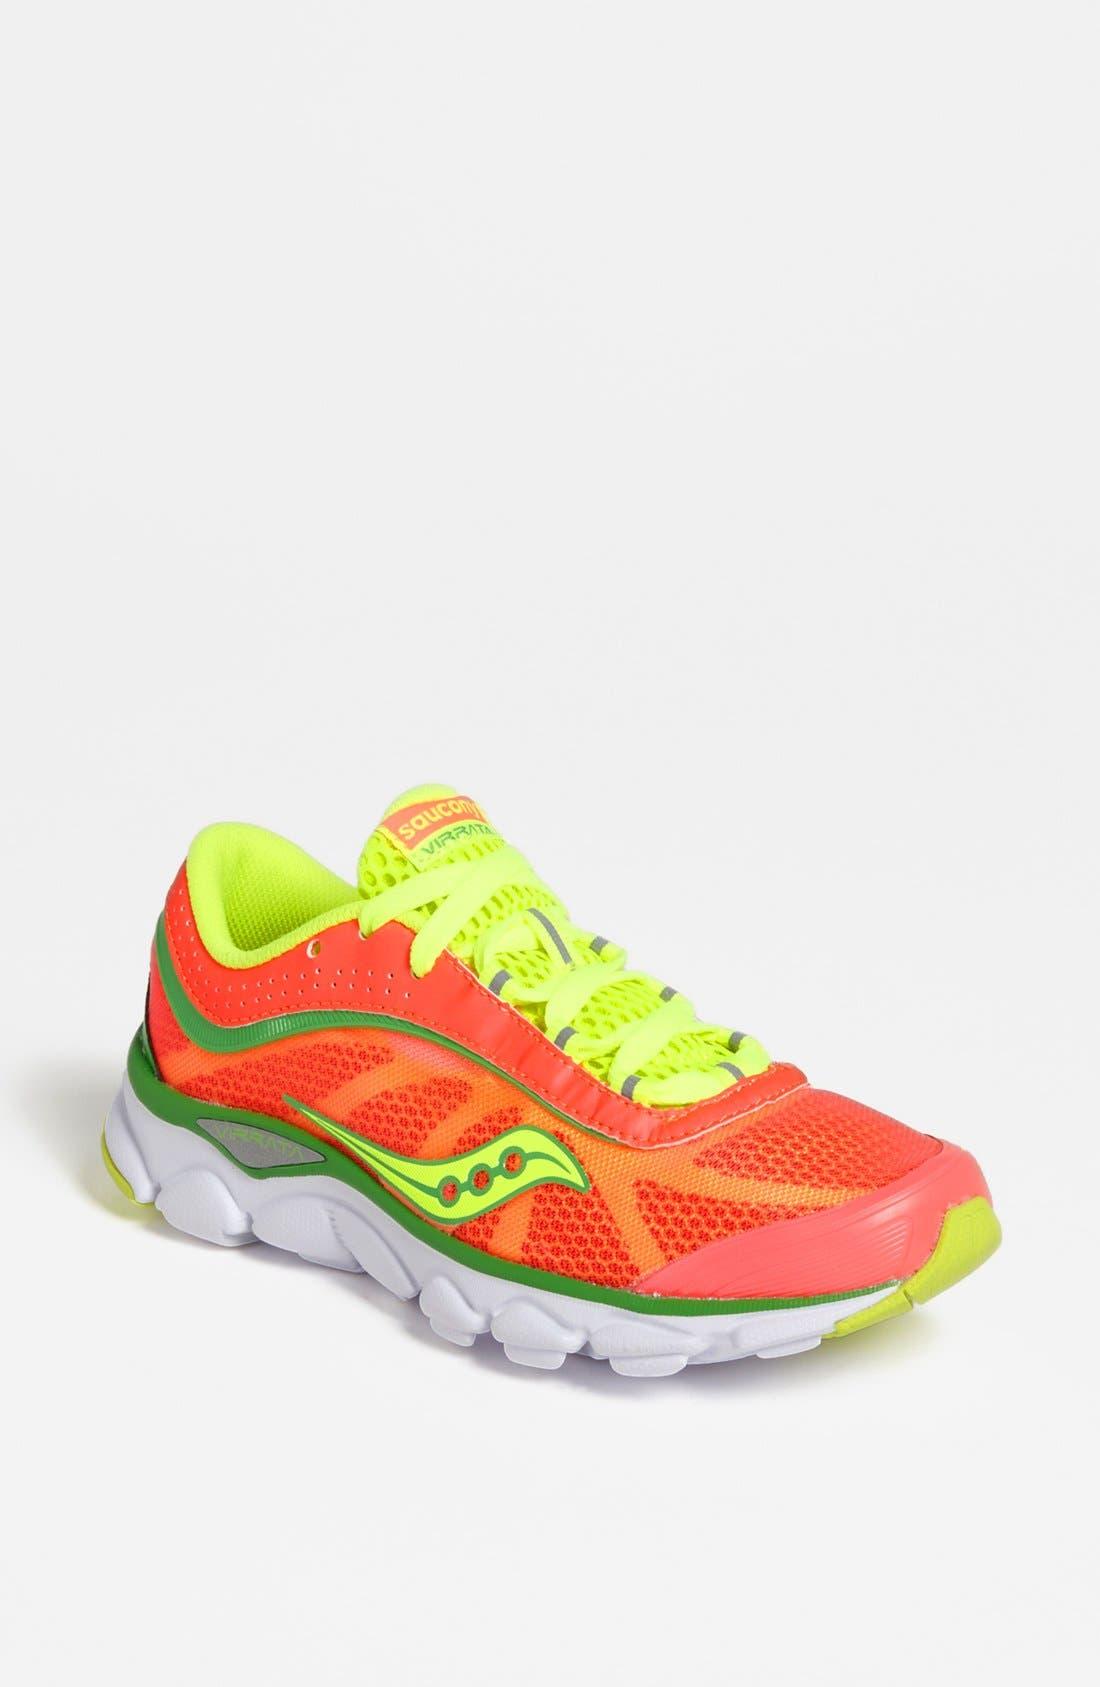 Main Image - Saucony 'Virrata' Running Shoe (Women)